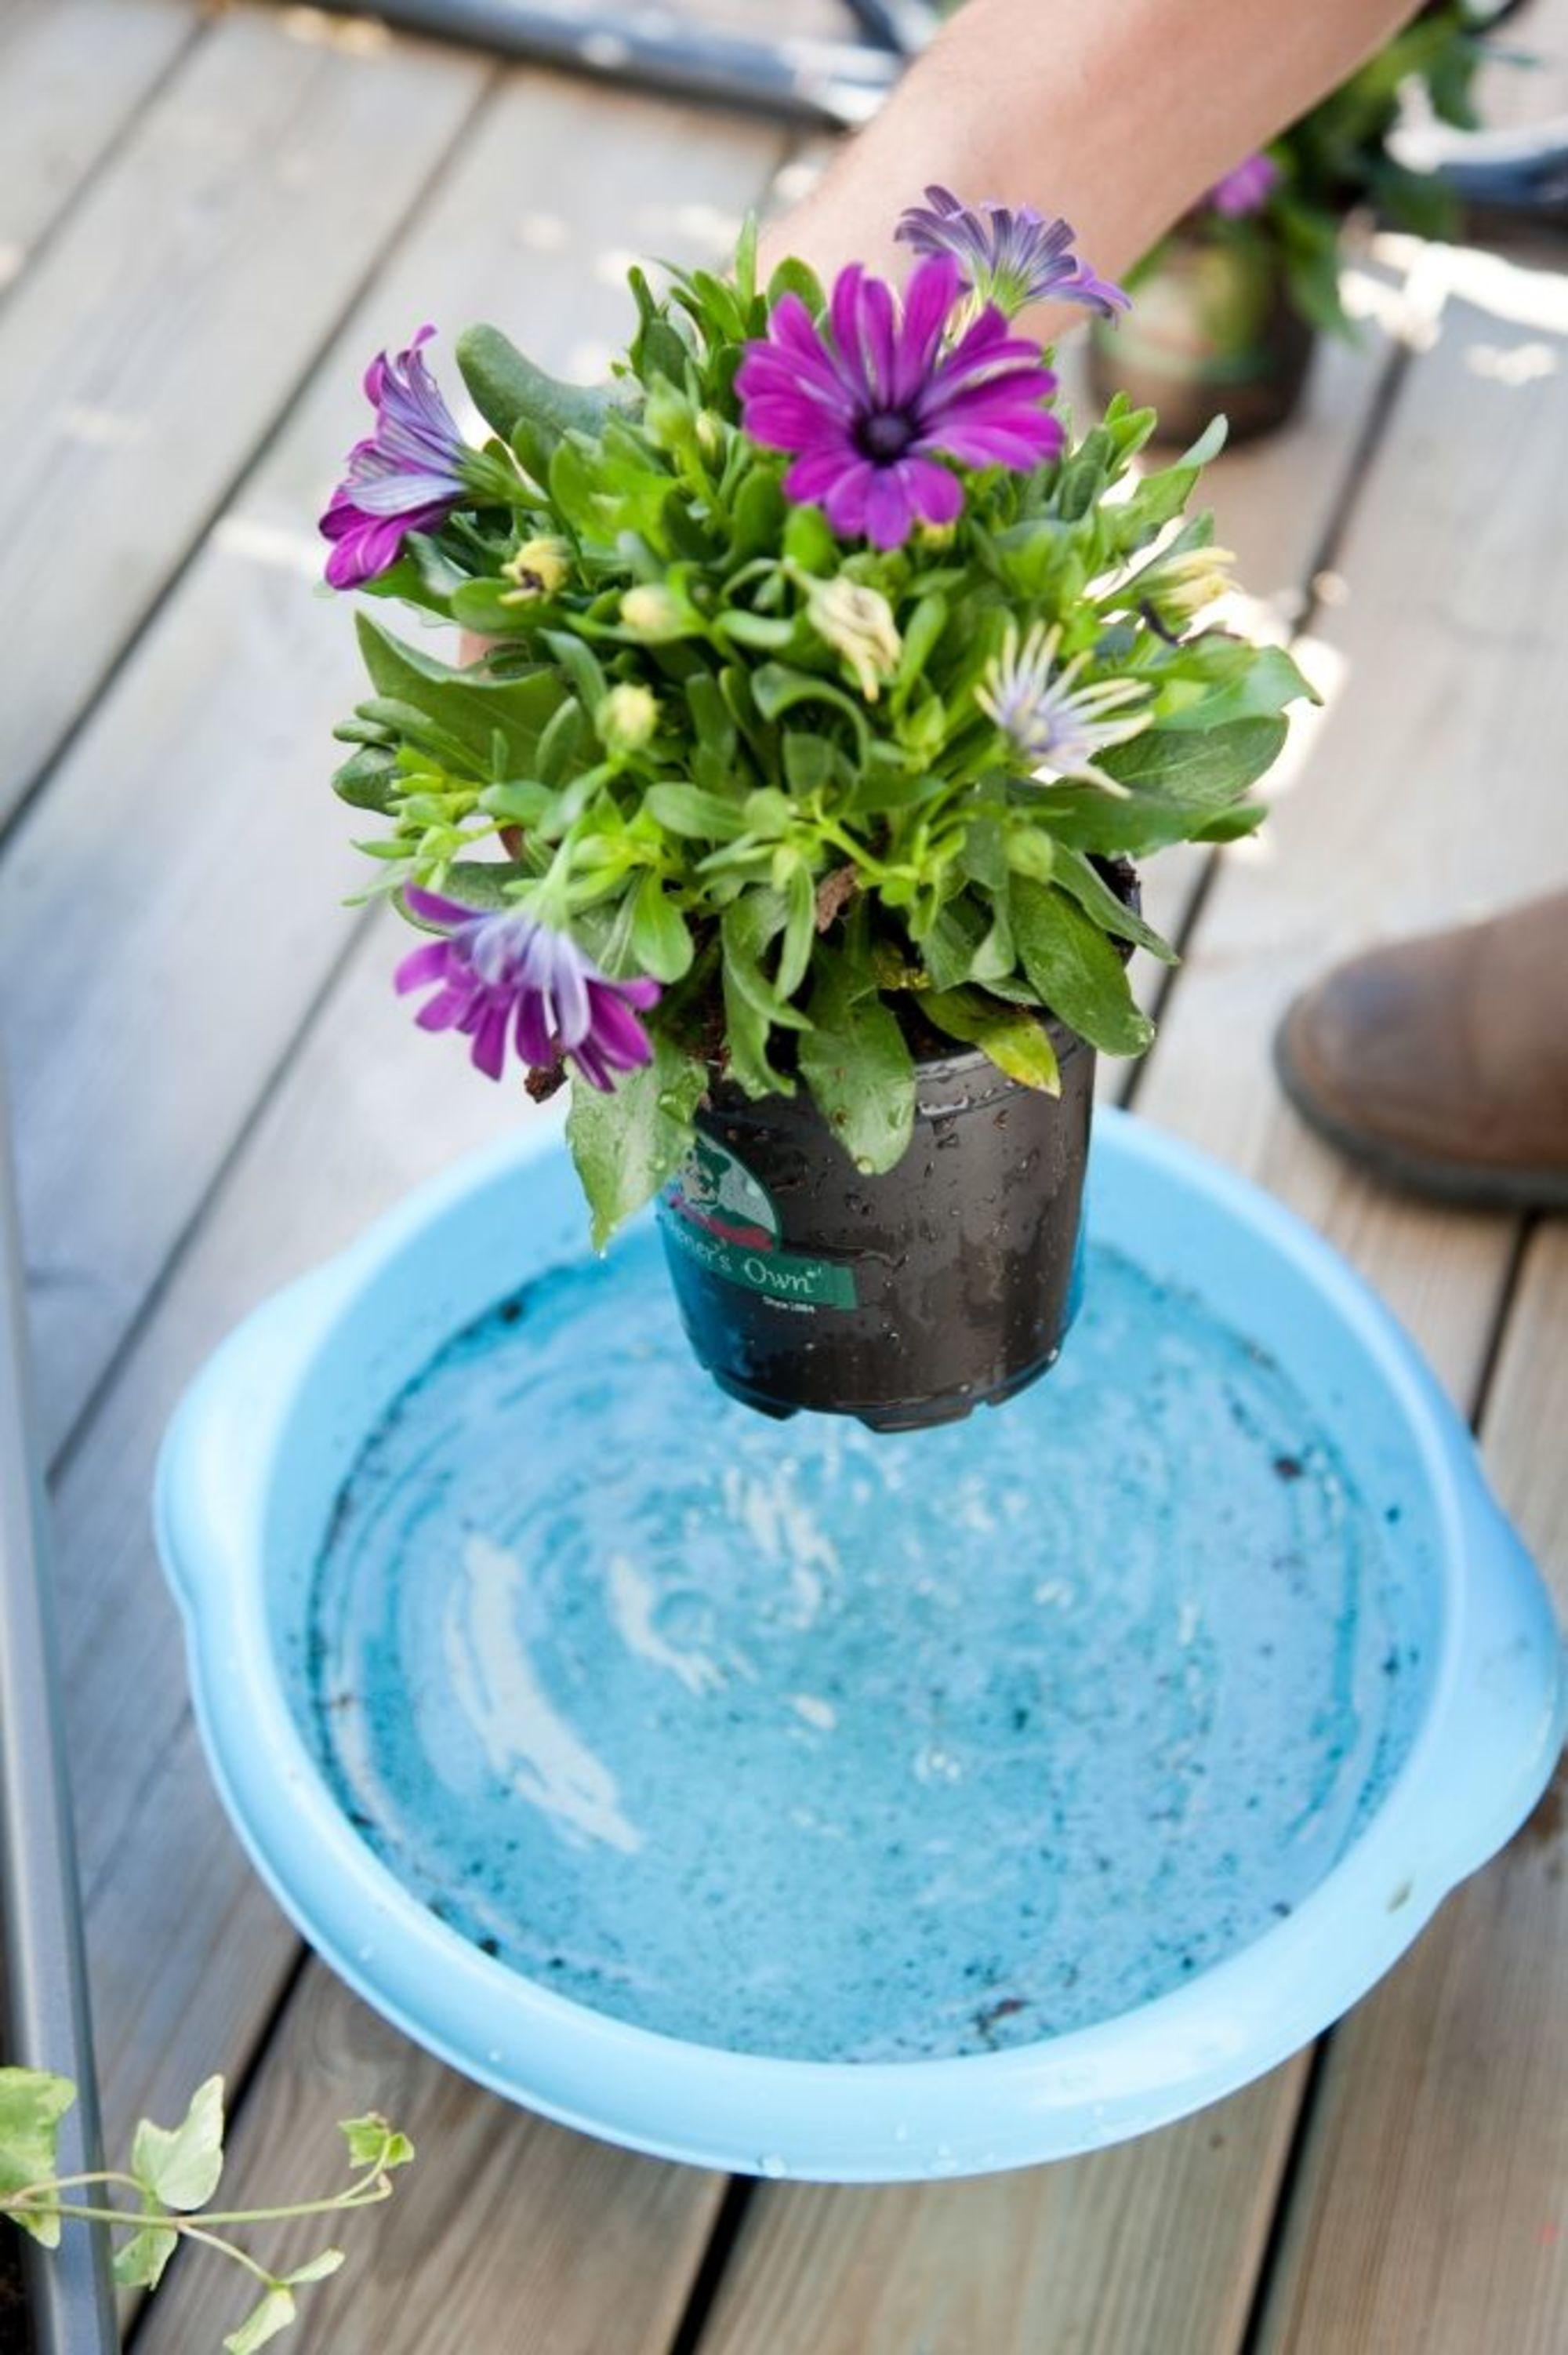 Composer une jardinière de fleurs sur son balcon Fleur